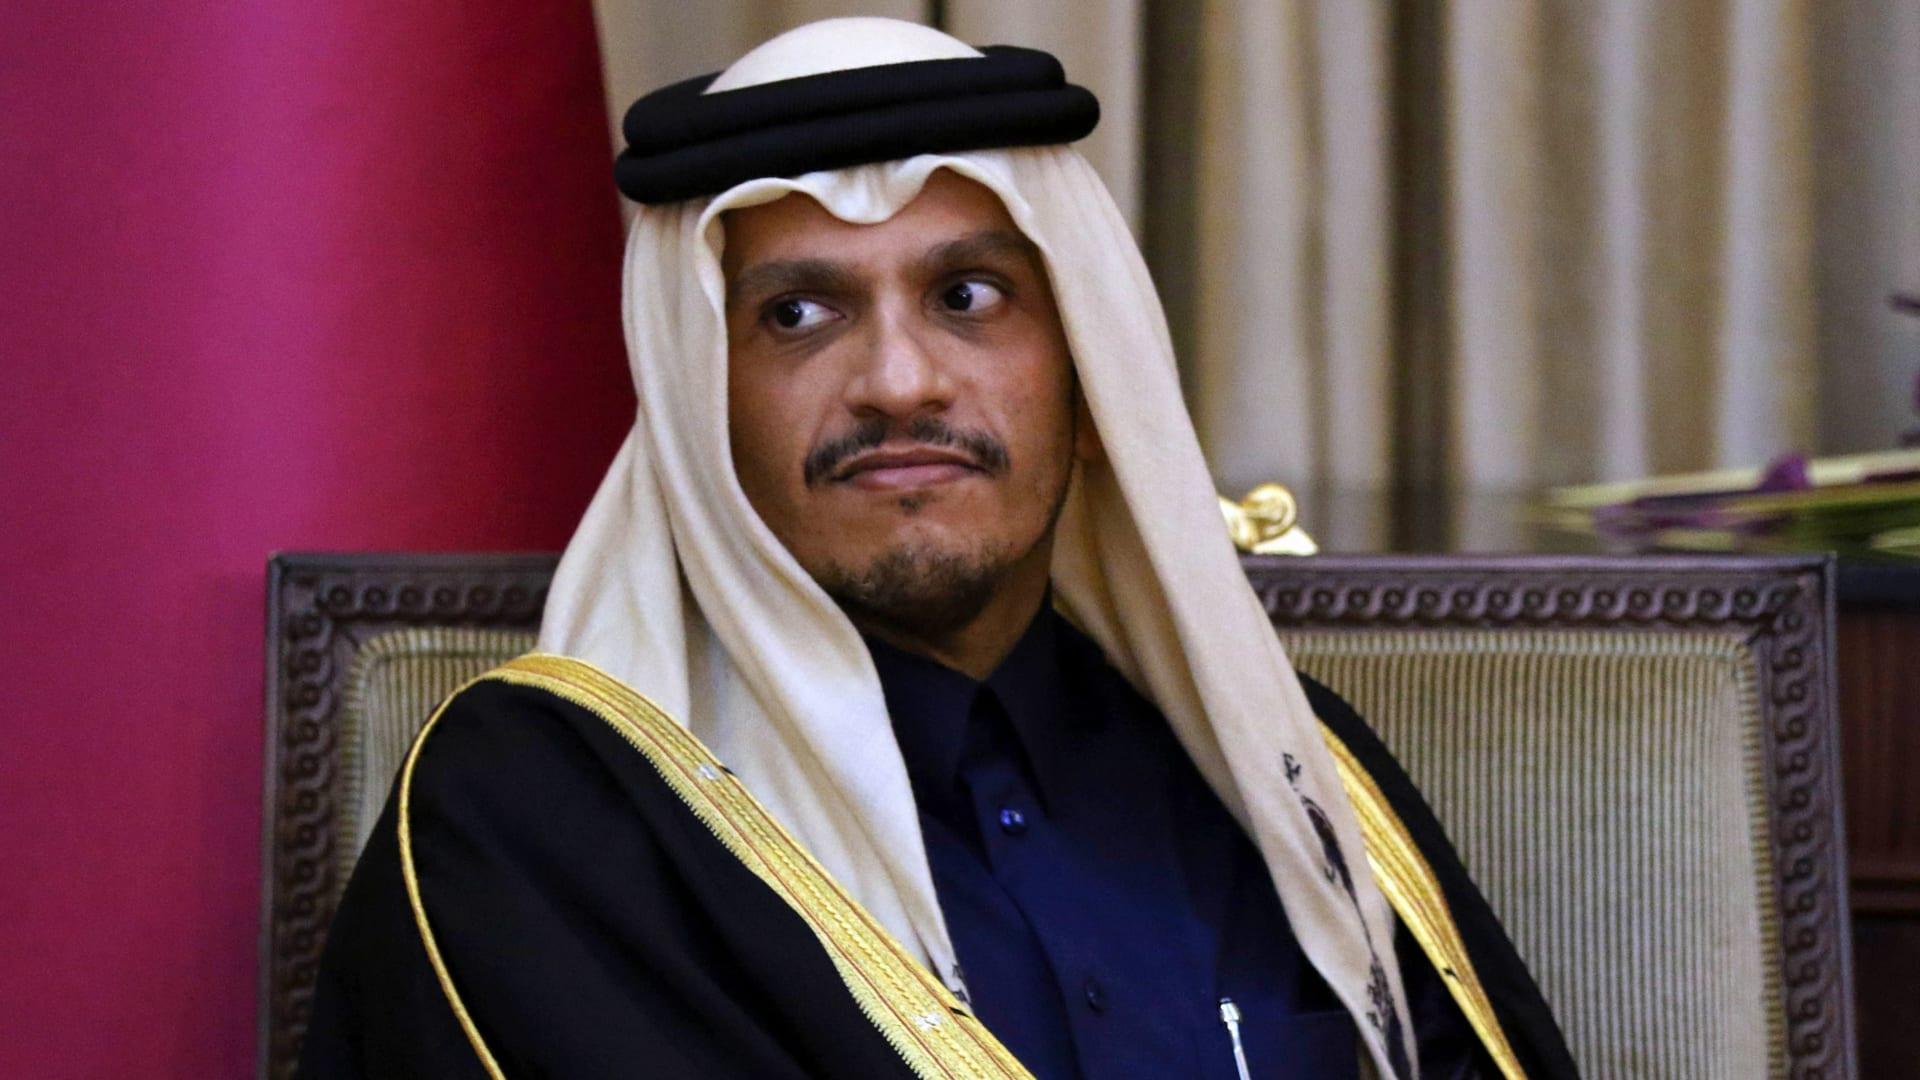 هل اتفاق حل الأزمة الخليجية سري؟ وهل يحرج أي دولة؟ وزير خارجية قطر يجيب